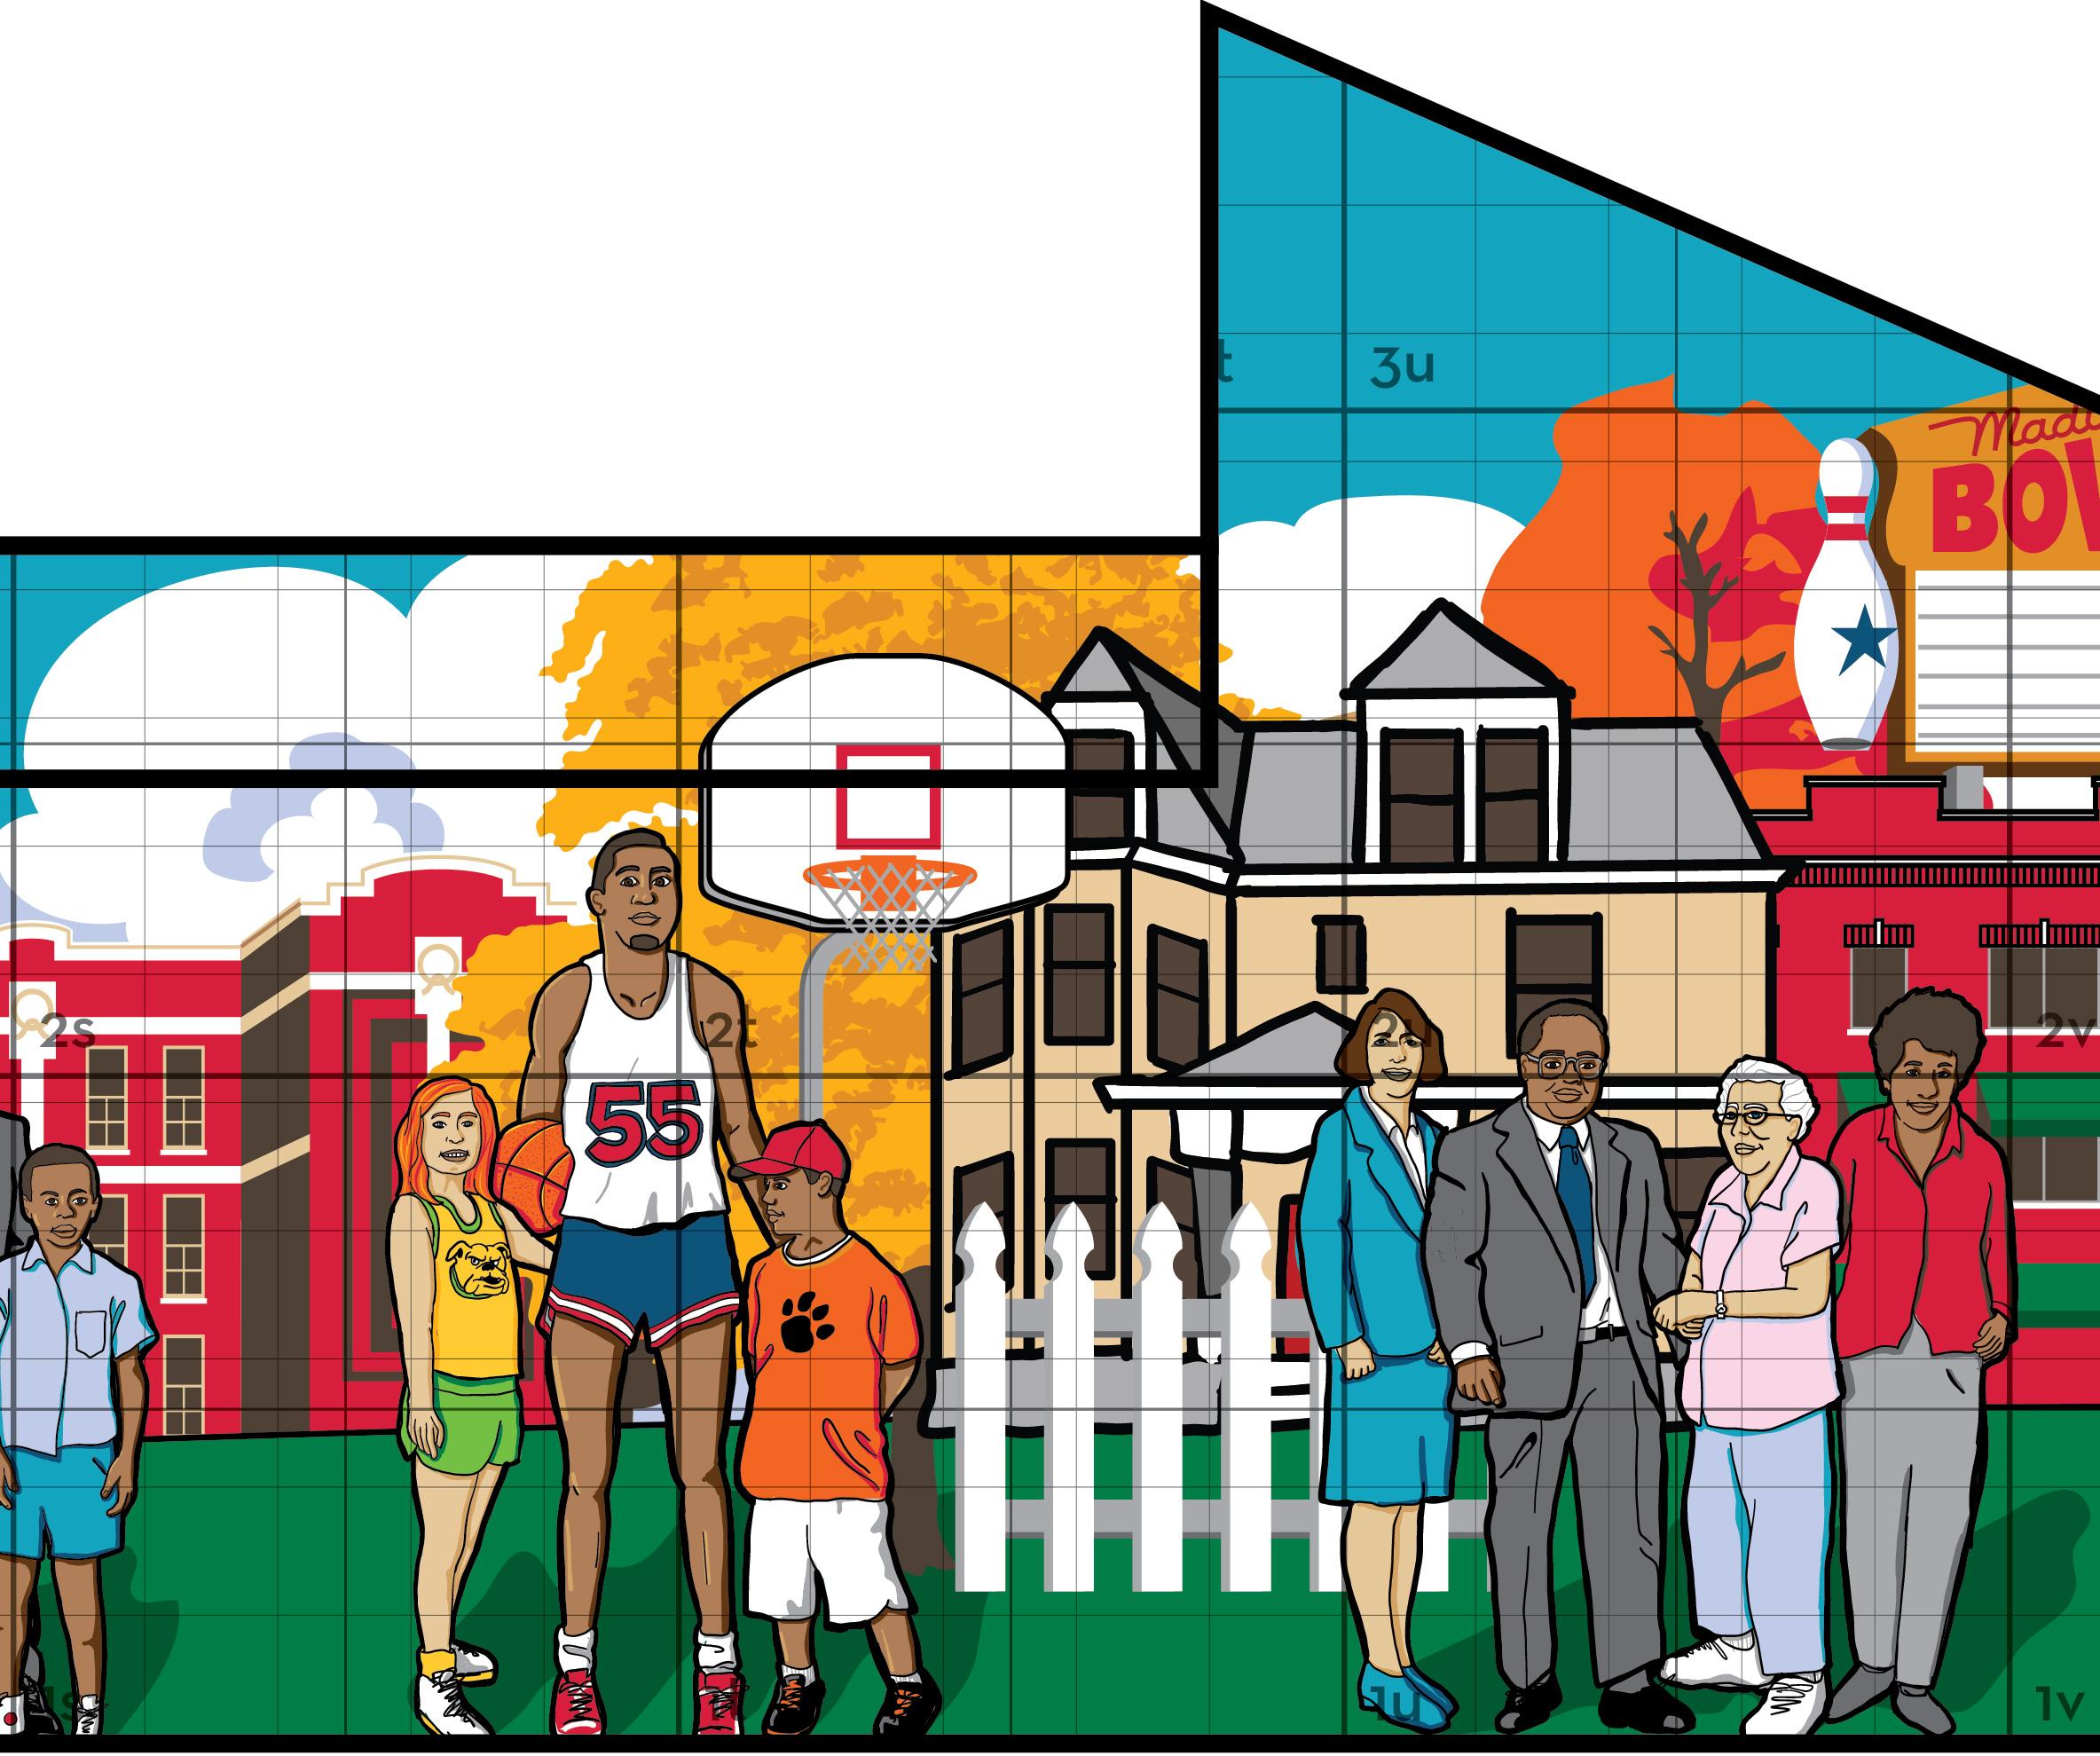 170610_Madisonville_Mural_Illustrated_WIP_Madville_2009.jpg